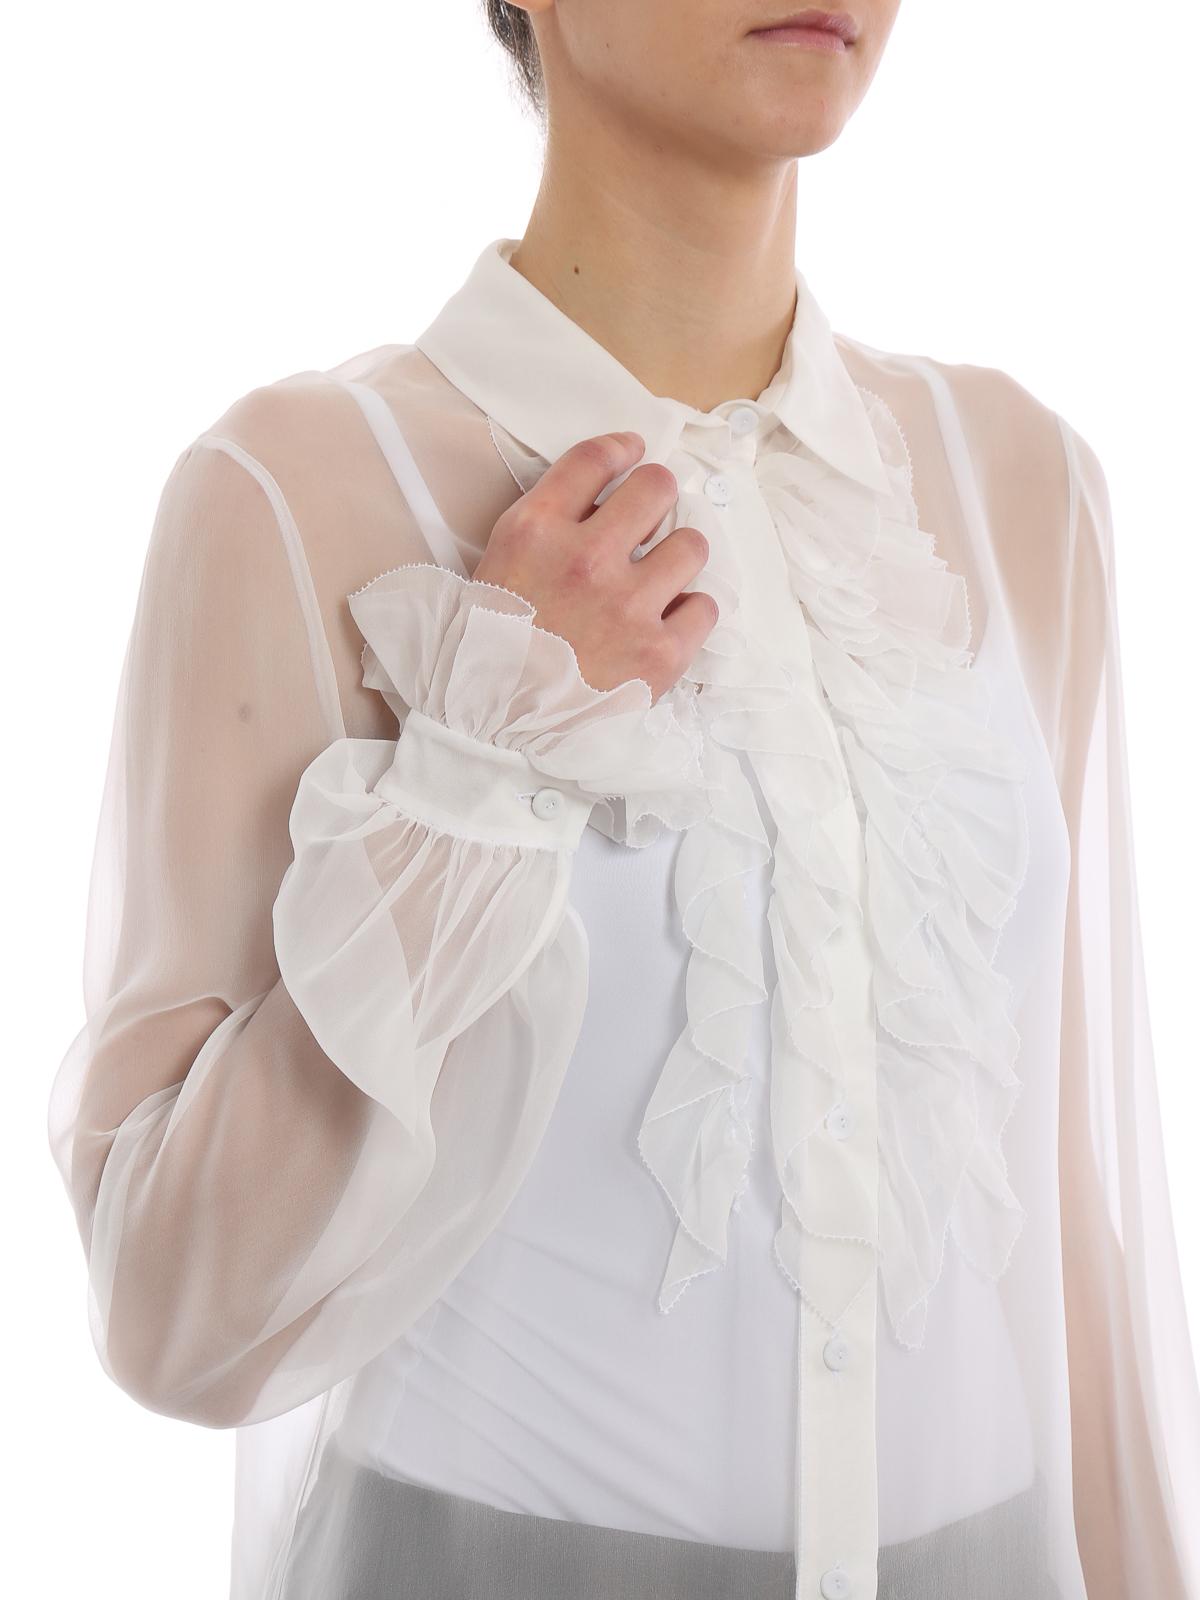 0c5fcd29db Alberta Ferretti - Camicia bianca in seta con rouches - camicie ...